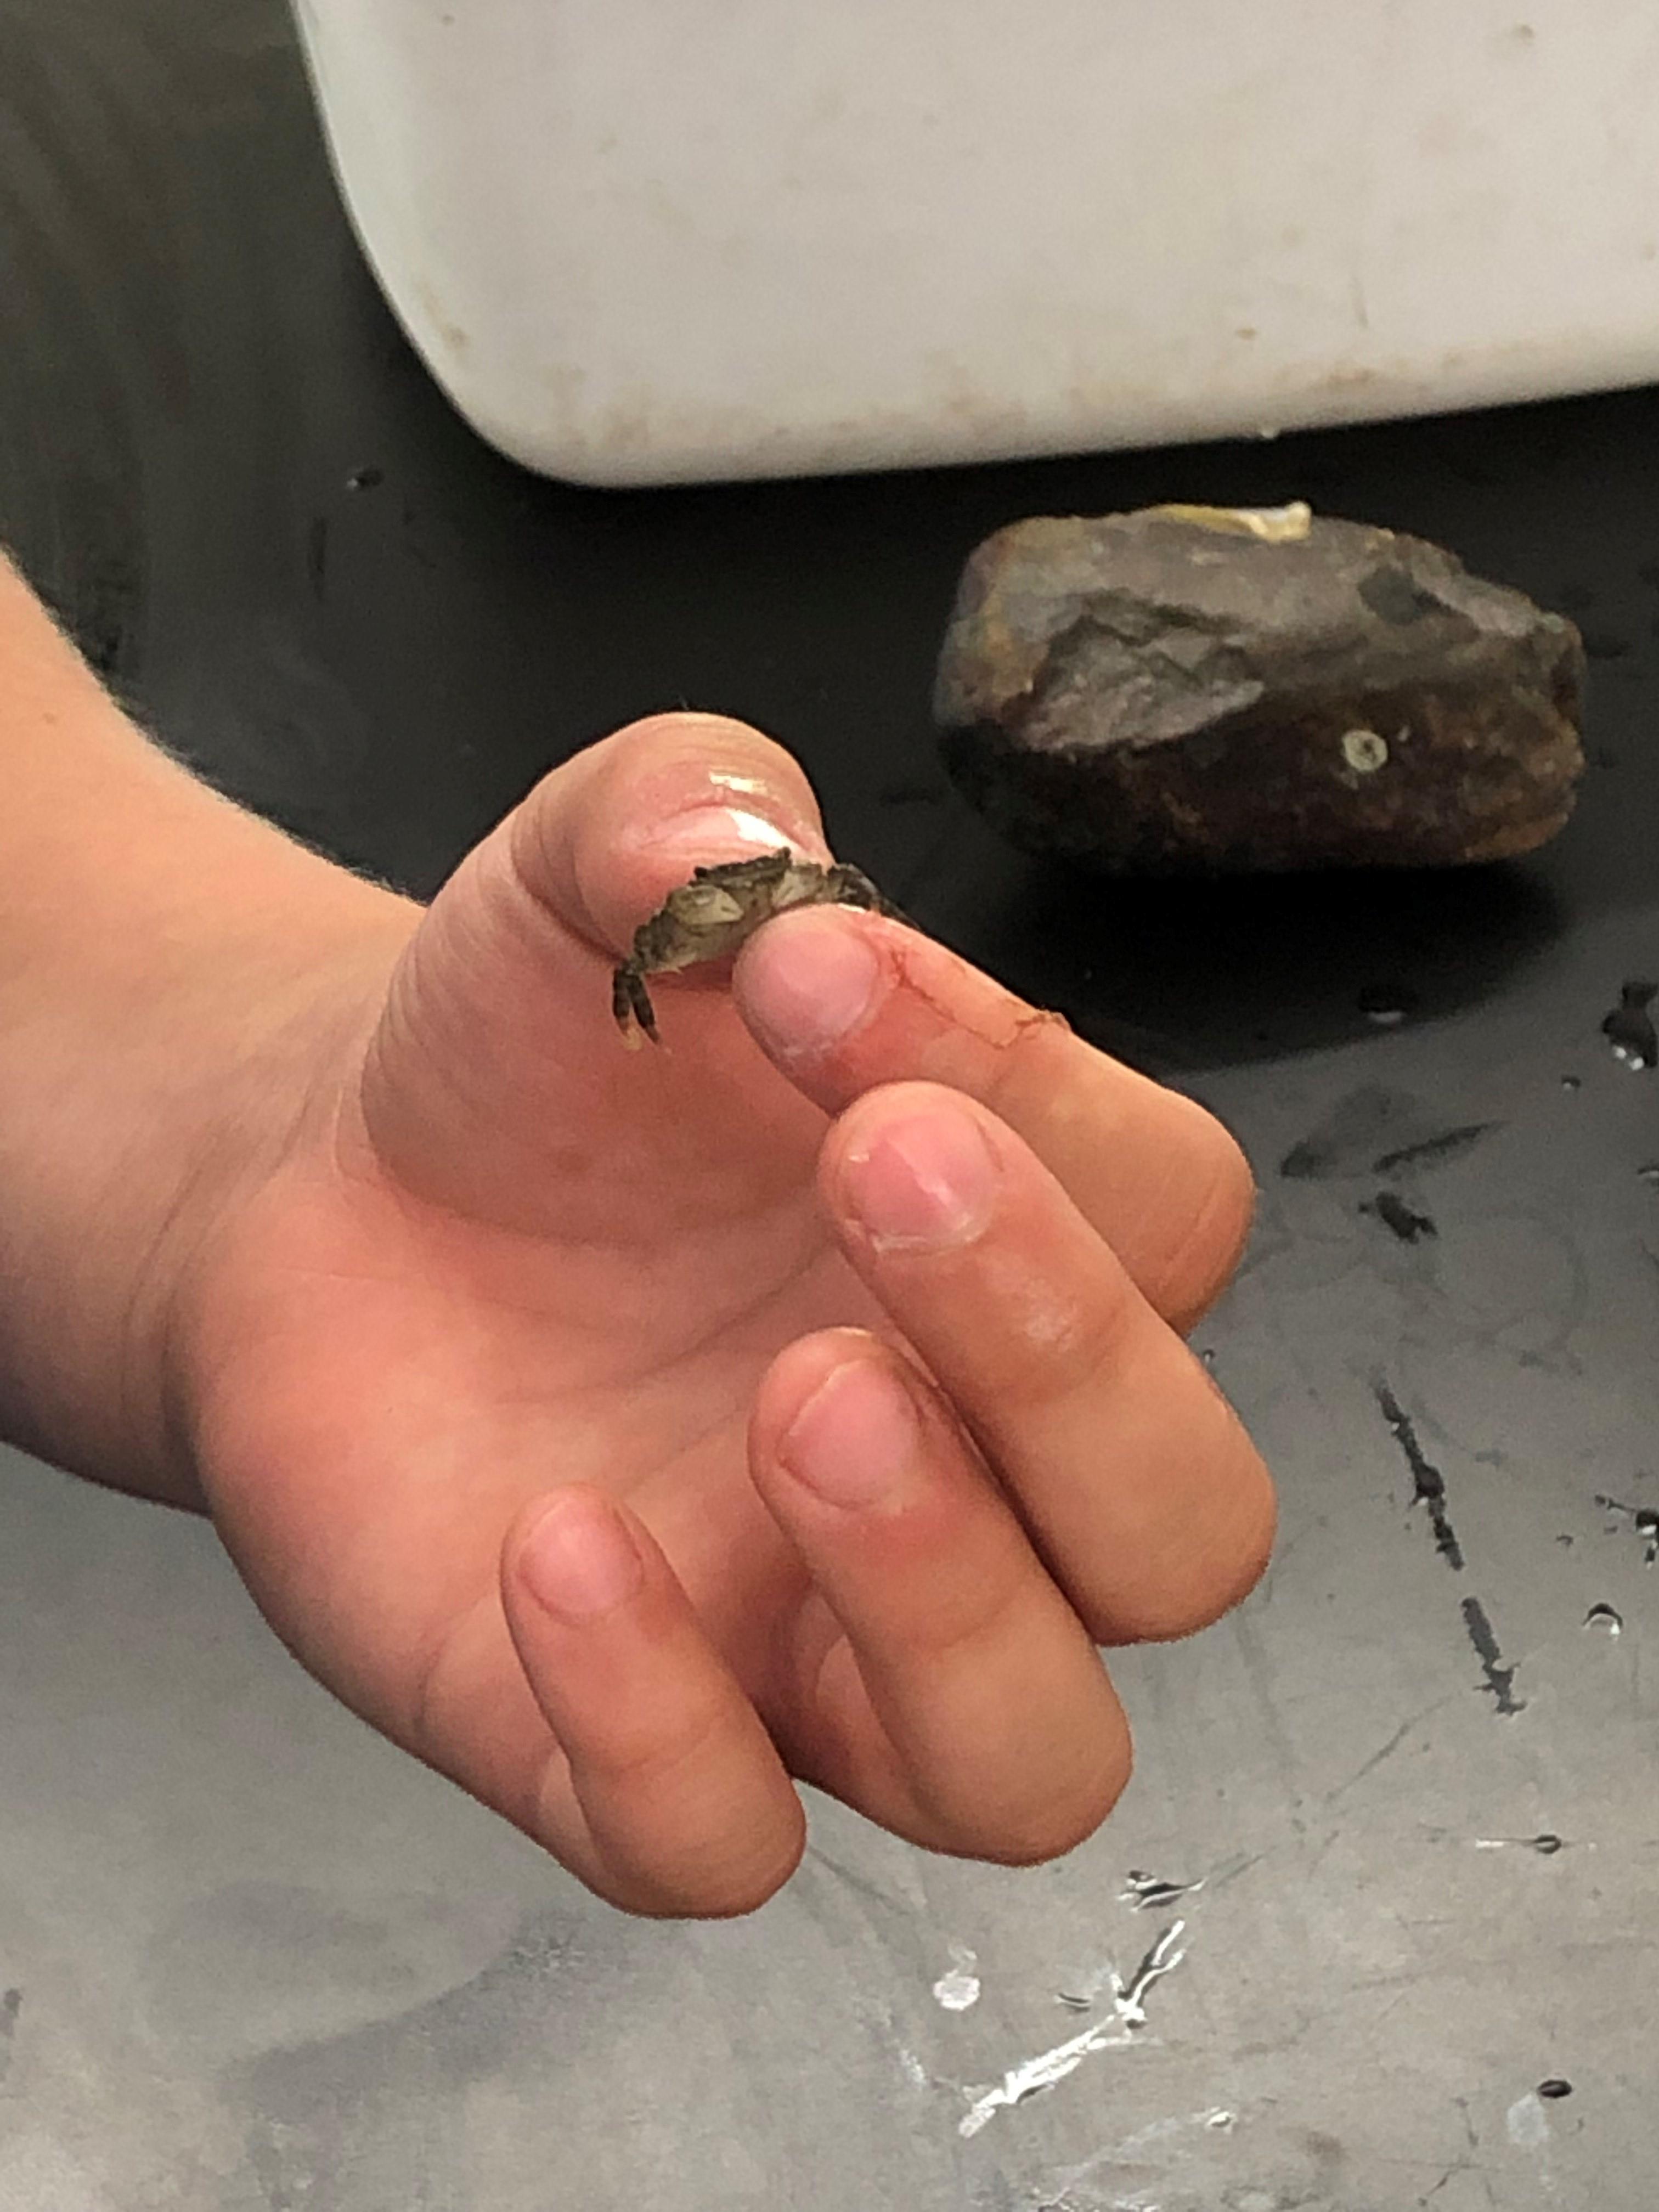 tiny Asian shorecrab